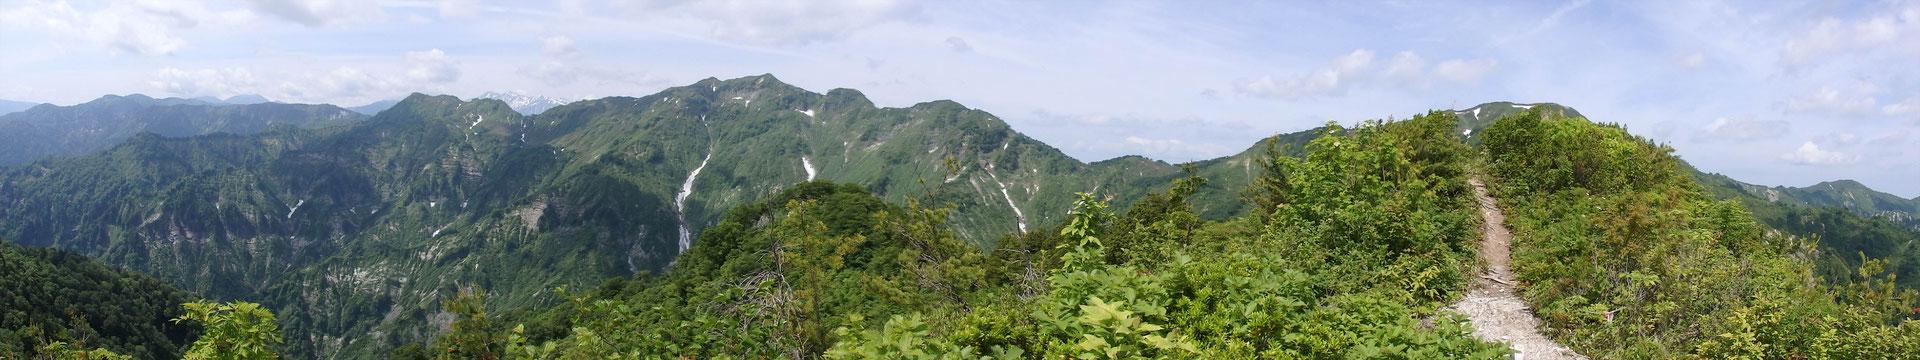 アカモノの頂き付近から、右、大笠山。左、笈ケ岳。 その左に小さく白山。